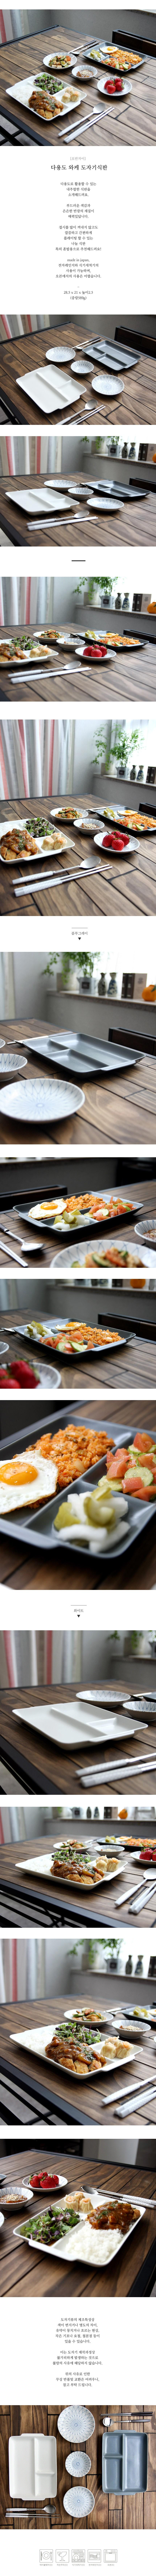 다용도 와케 도자기 식판 2종 - 로메이키친A, 24,800원, 접시/찬기, 접시